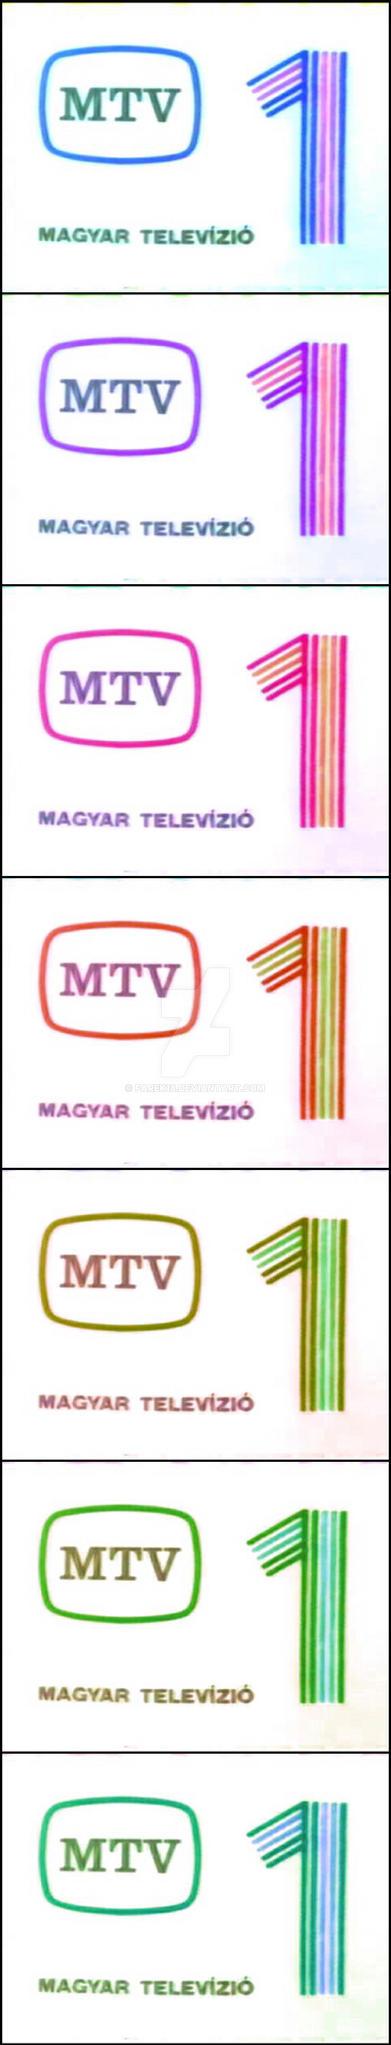 MTV 1 logo negative color variation #01 by farek18